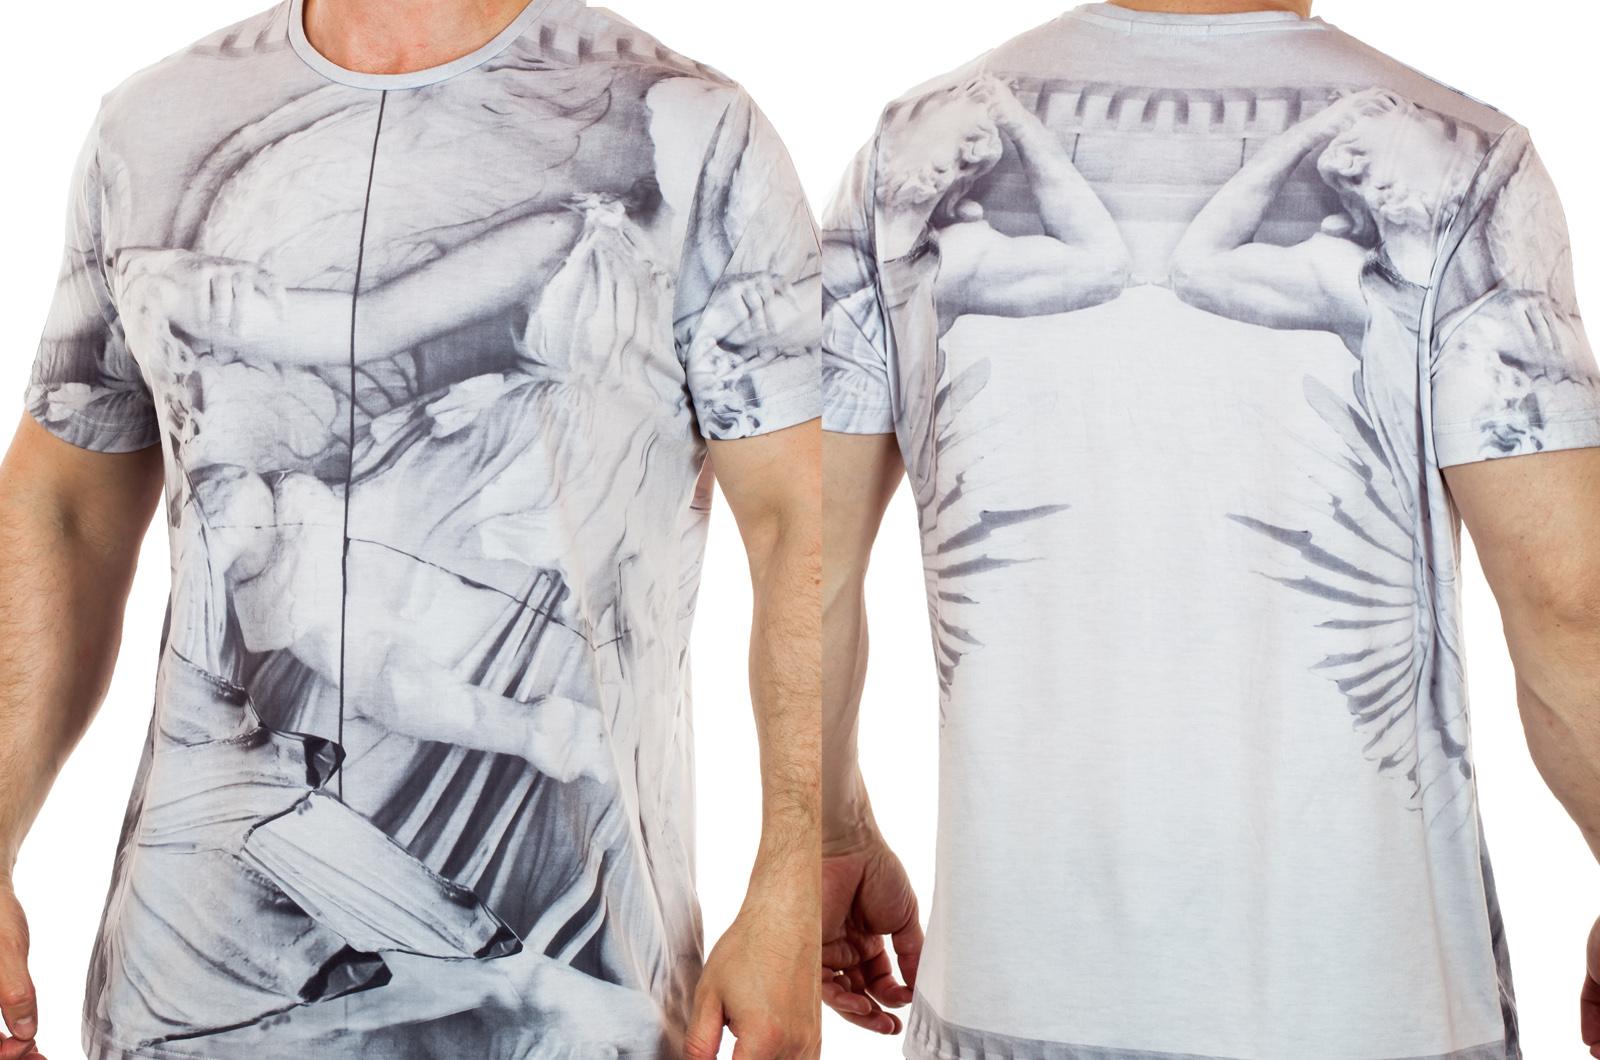 Креативная мужская футболка Splash с текстурой холодного мрамора. Имиджевая модель